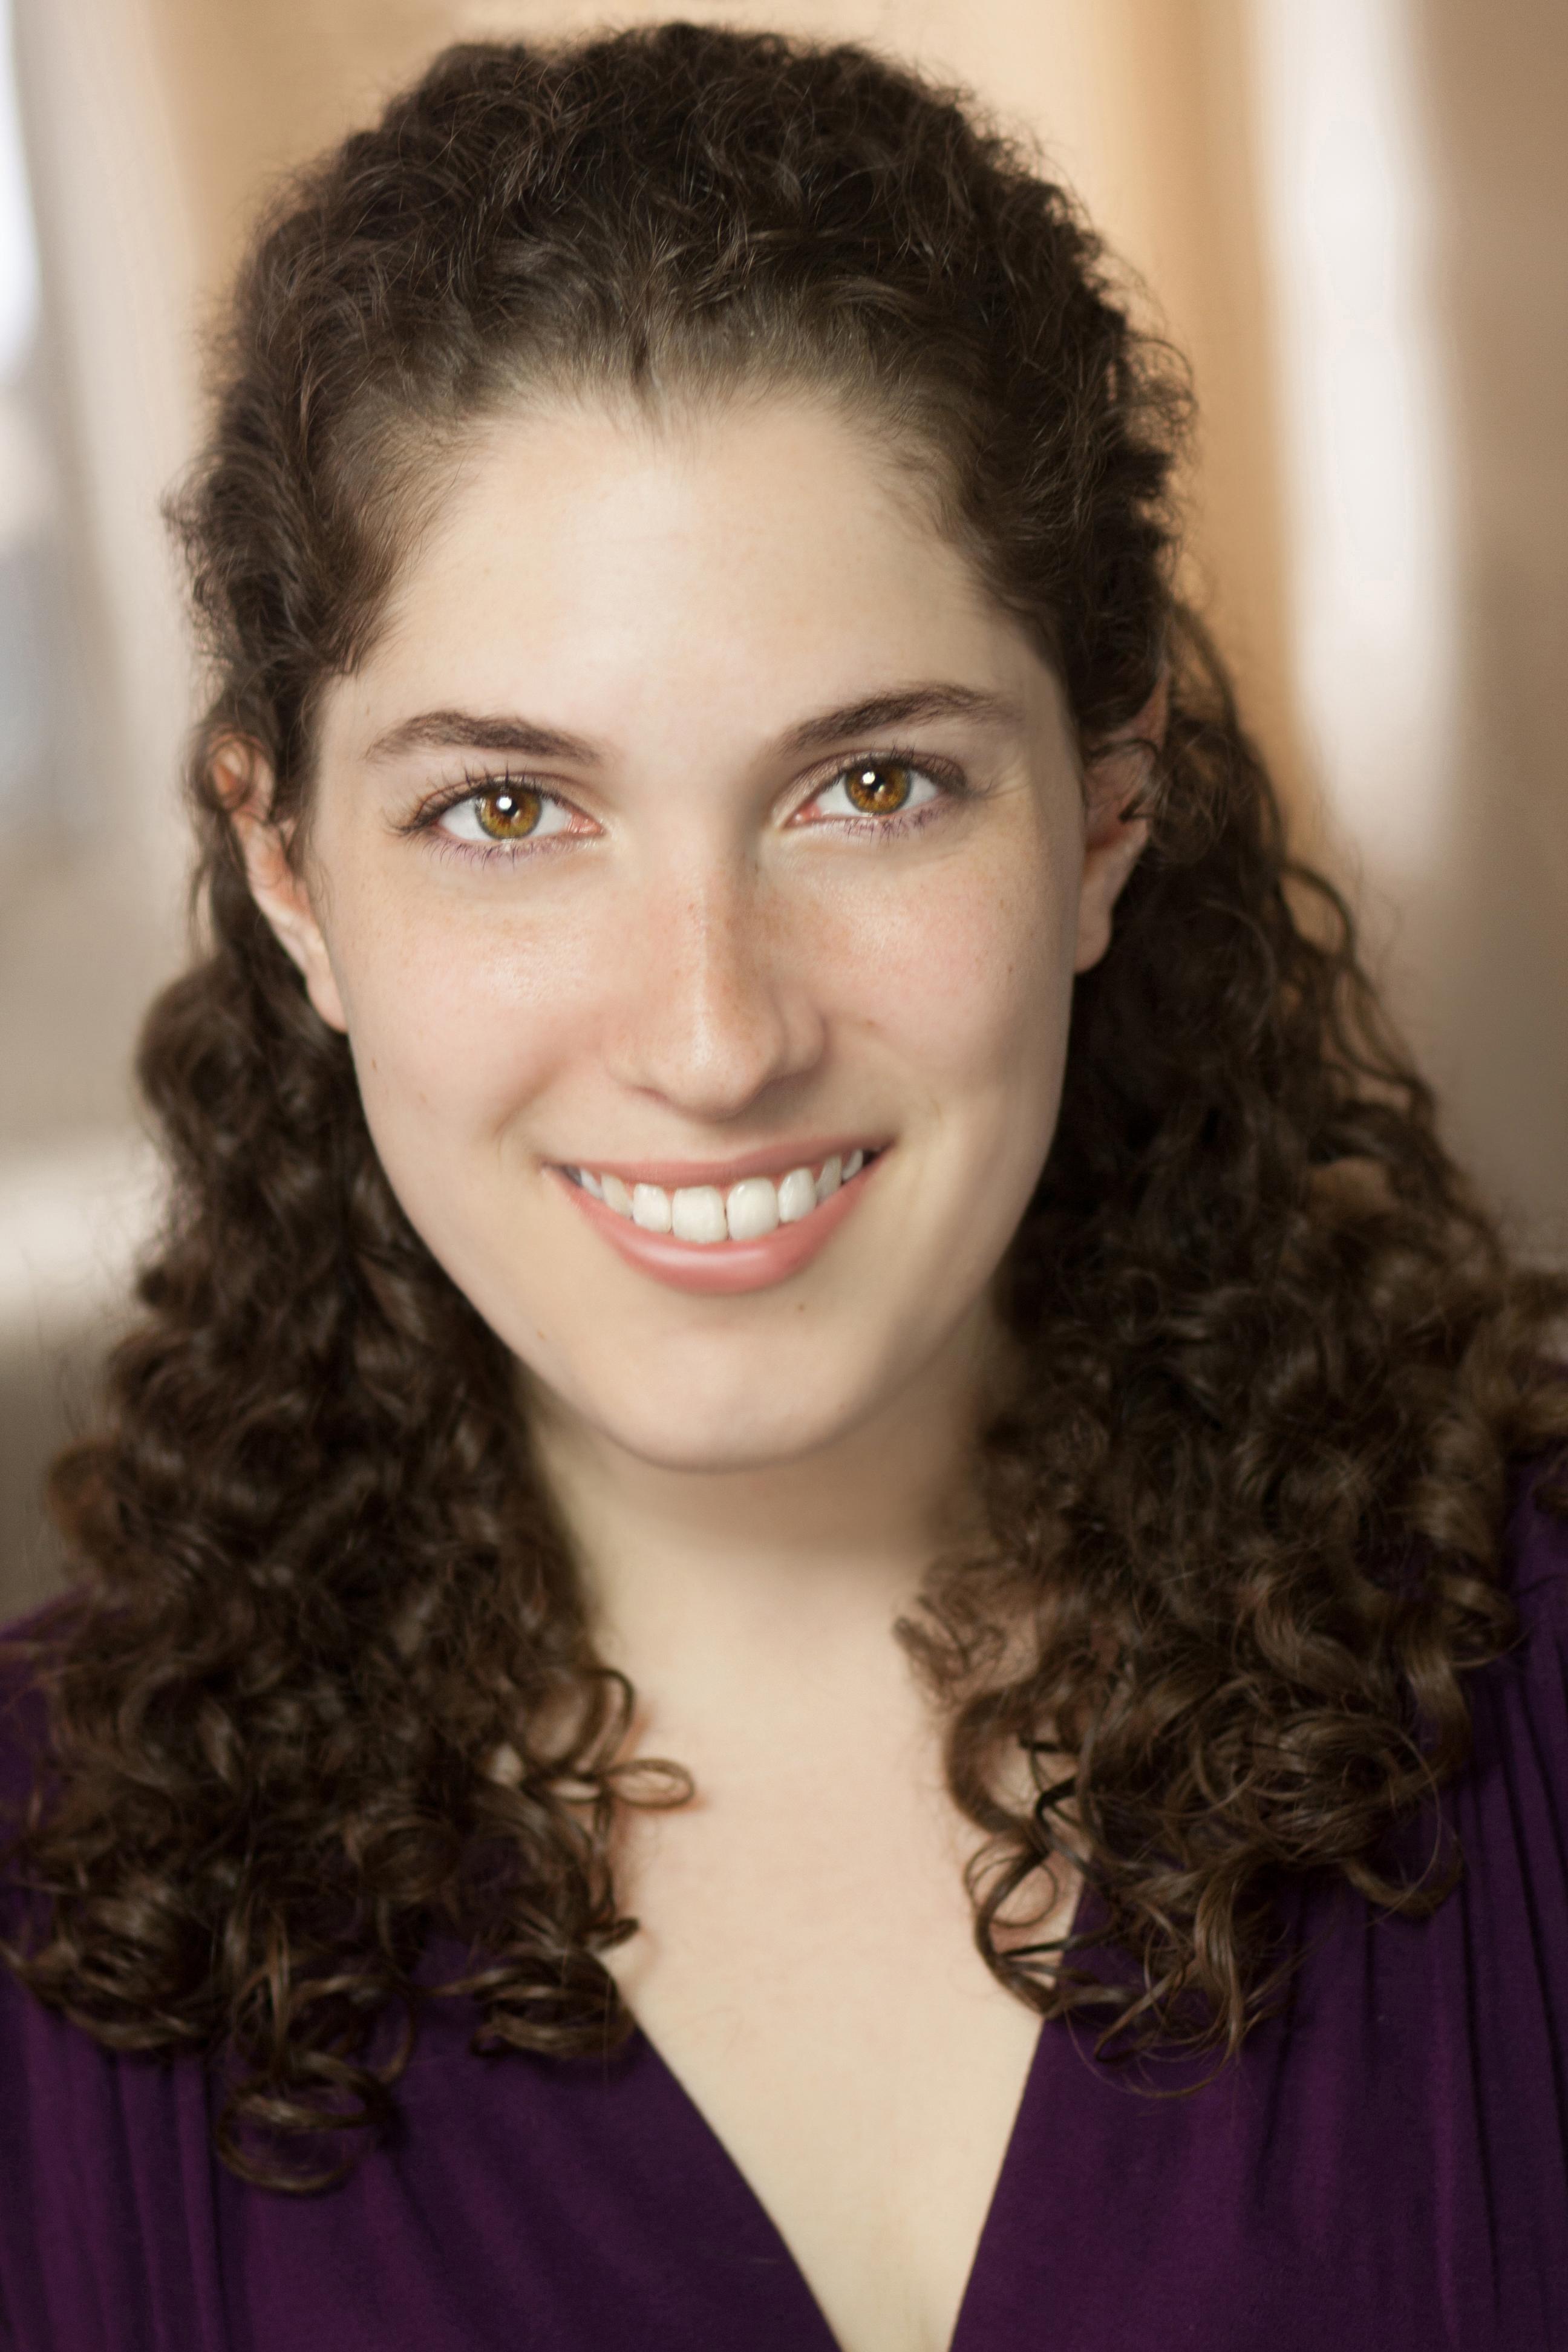 Becca Shulbank-Smith